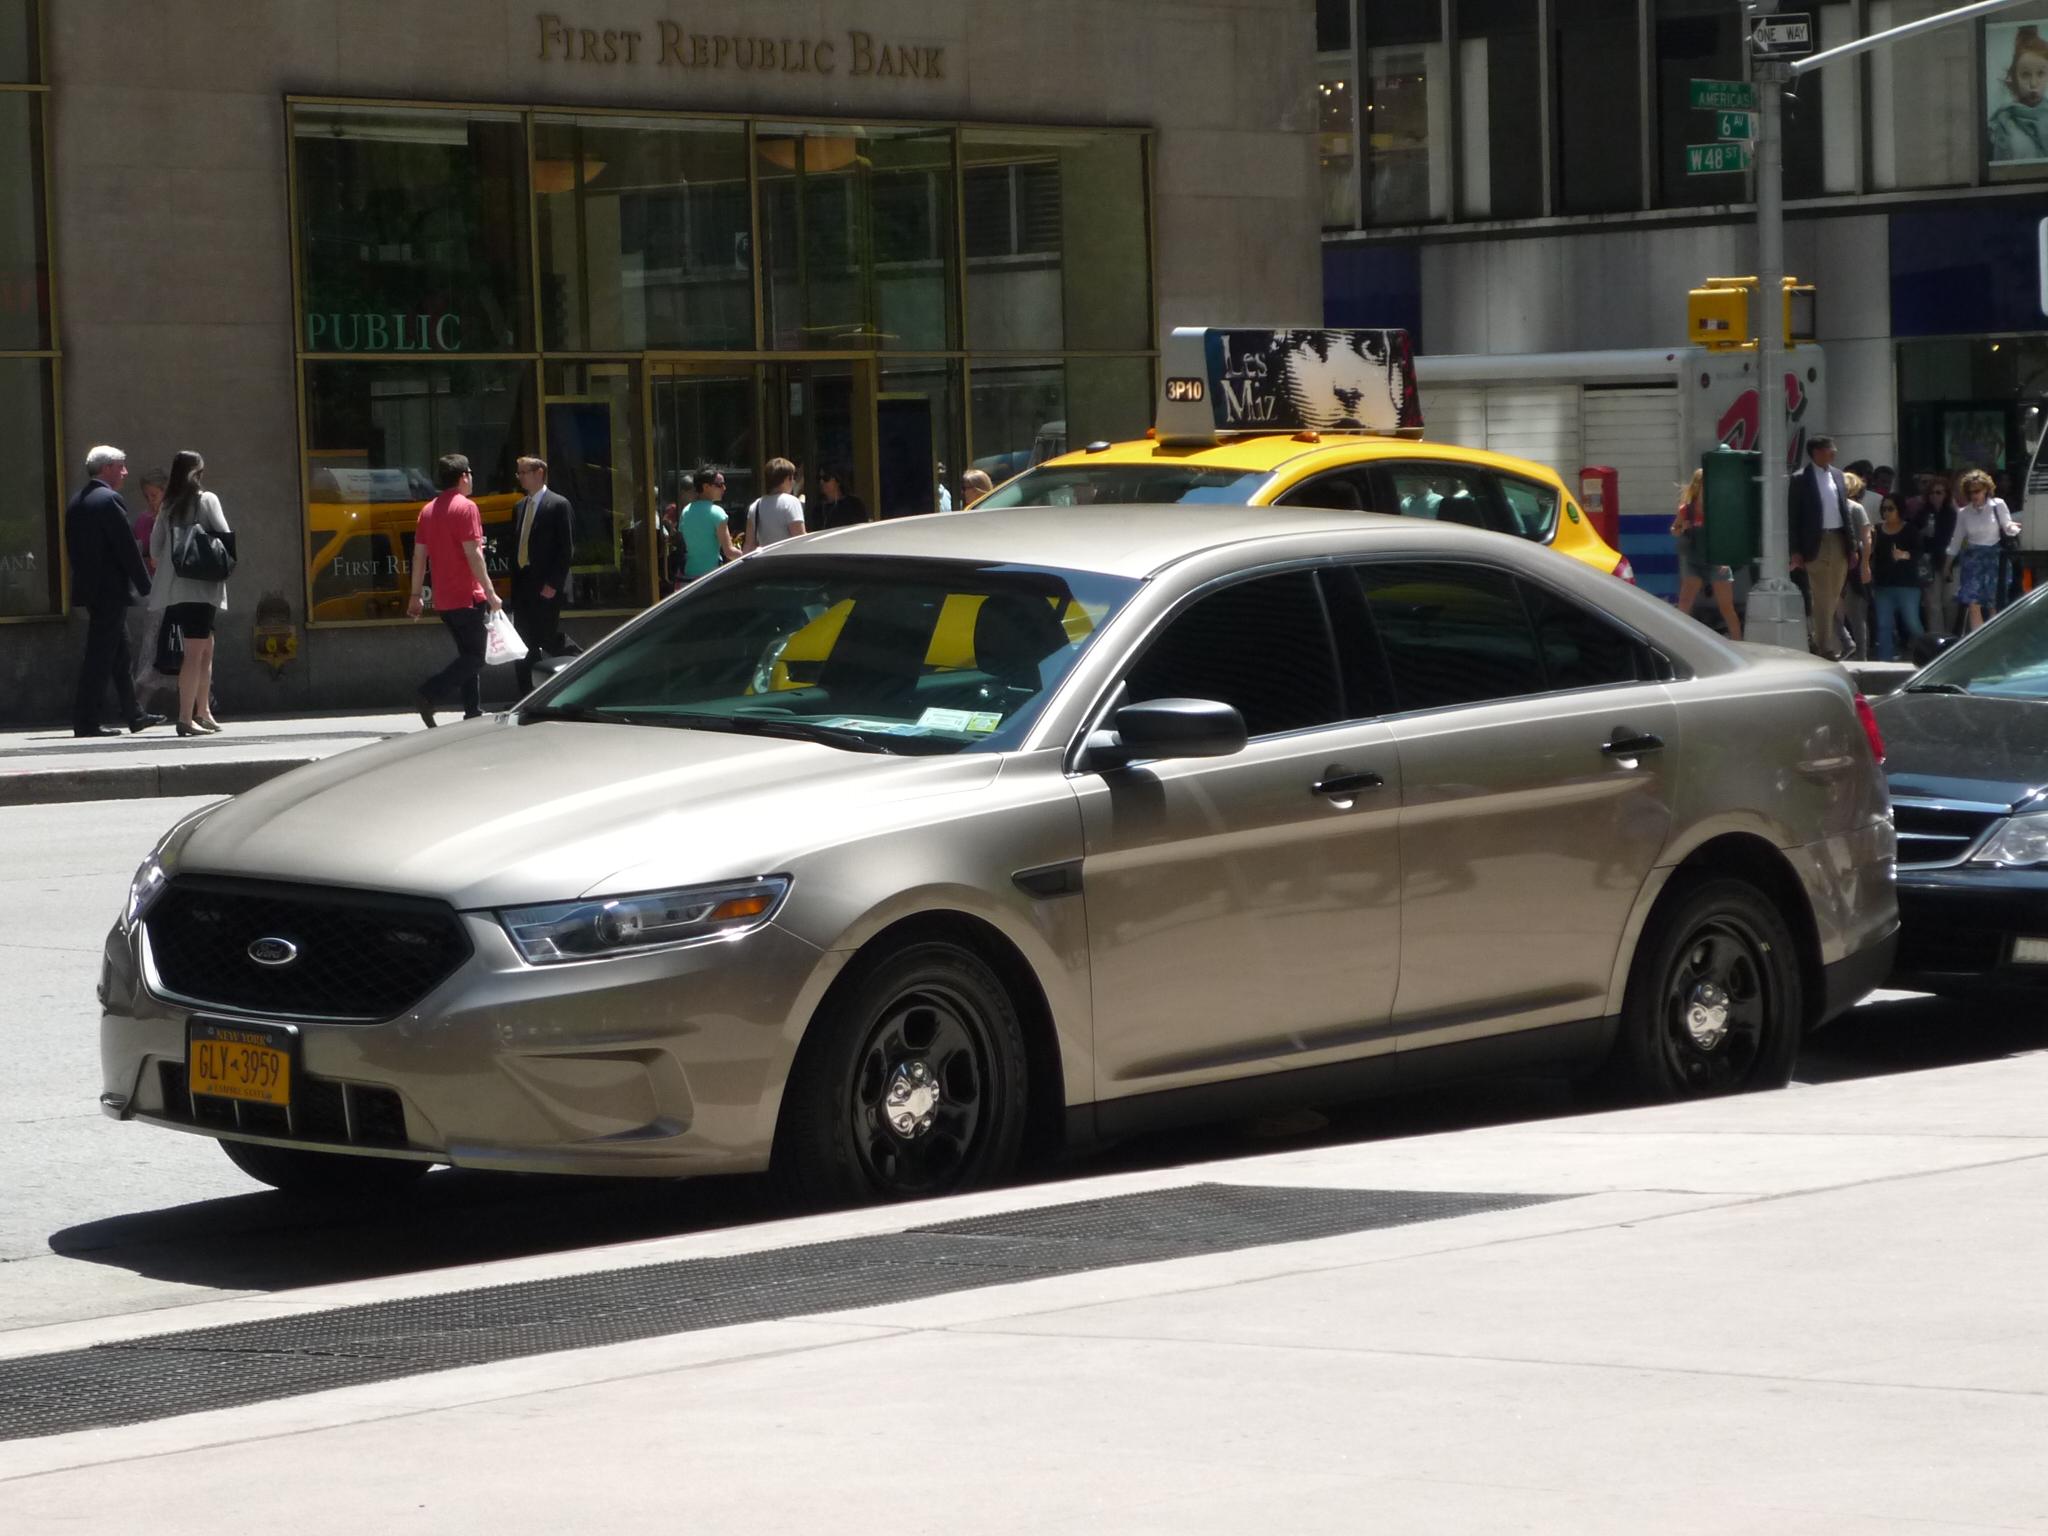 Police Car Price Comparison